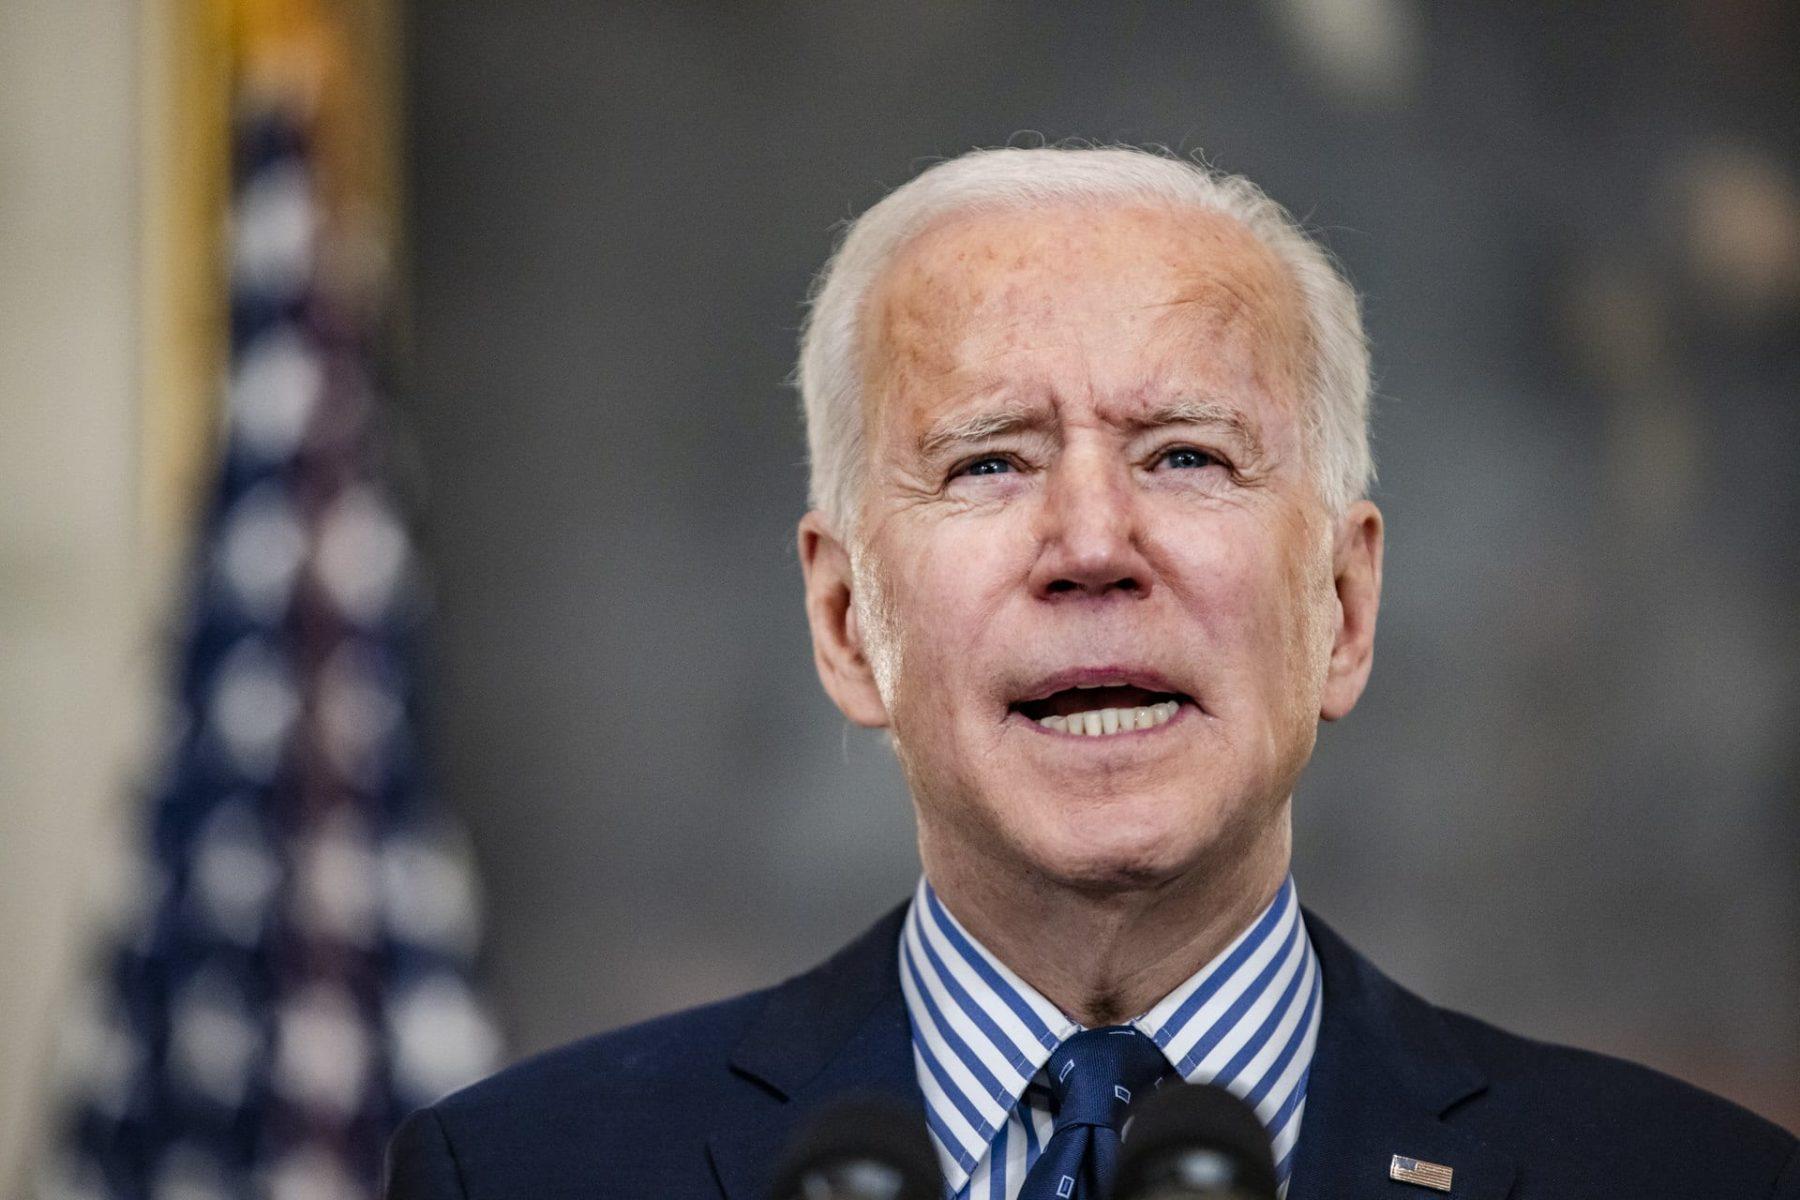 A close up shot of President Joe Biden.